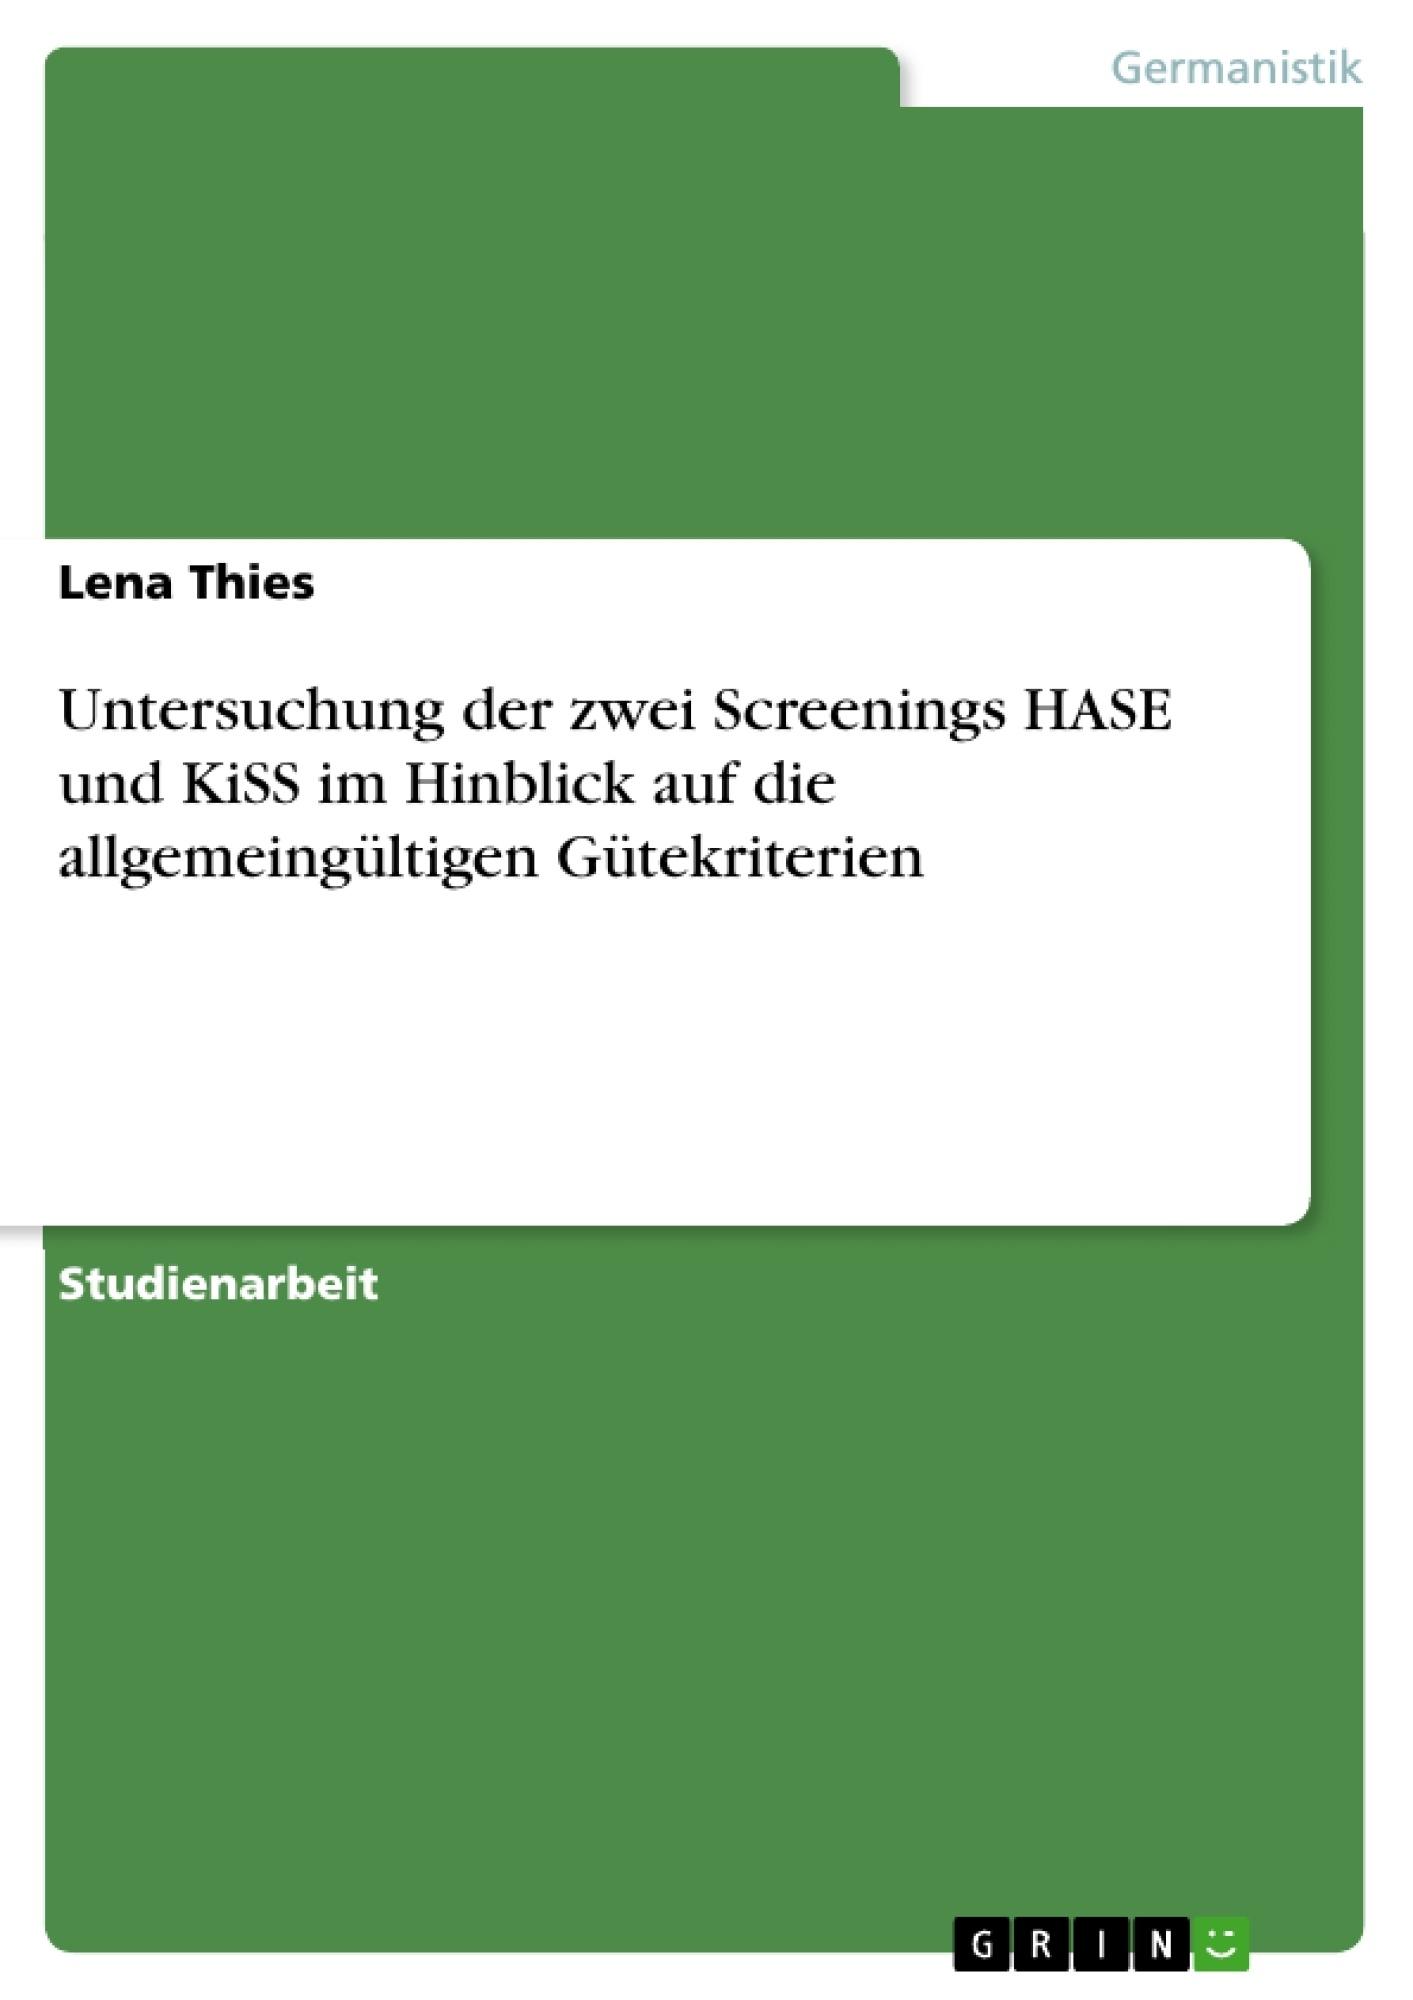 Titel: Untersuchung der  zwei Screenings HASE und KiSS im Hinblick auf die allgemeingültigen Gütekriterien